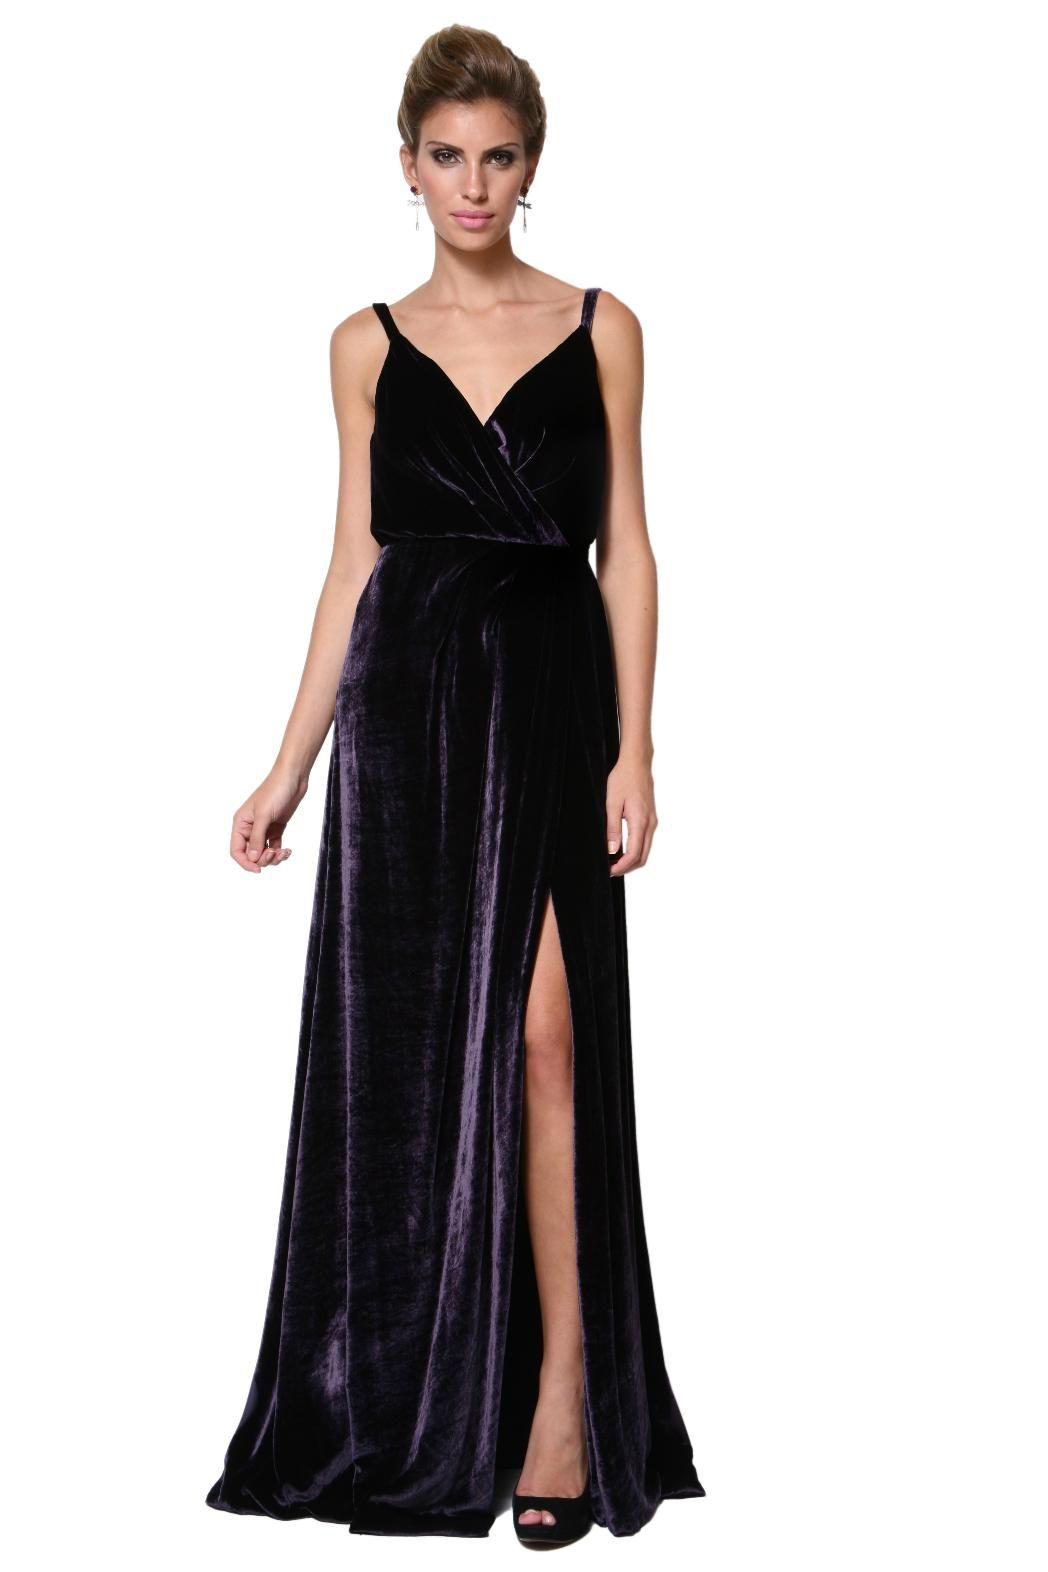 0bd5aef731 Vestido Longo Veludo Seda - Huis Clos - Dress   Go